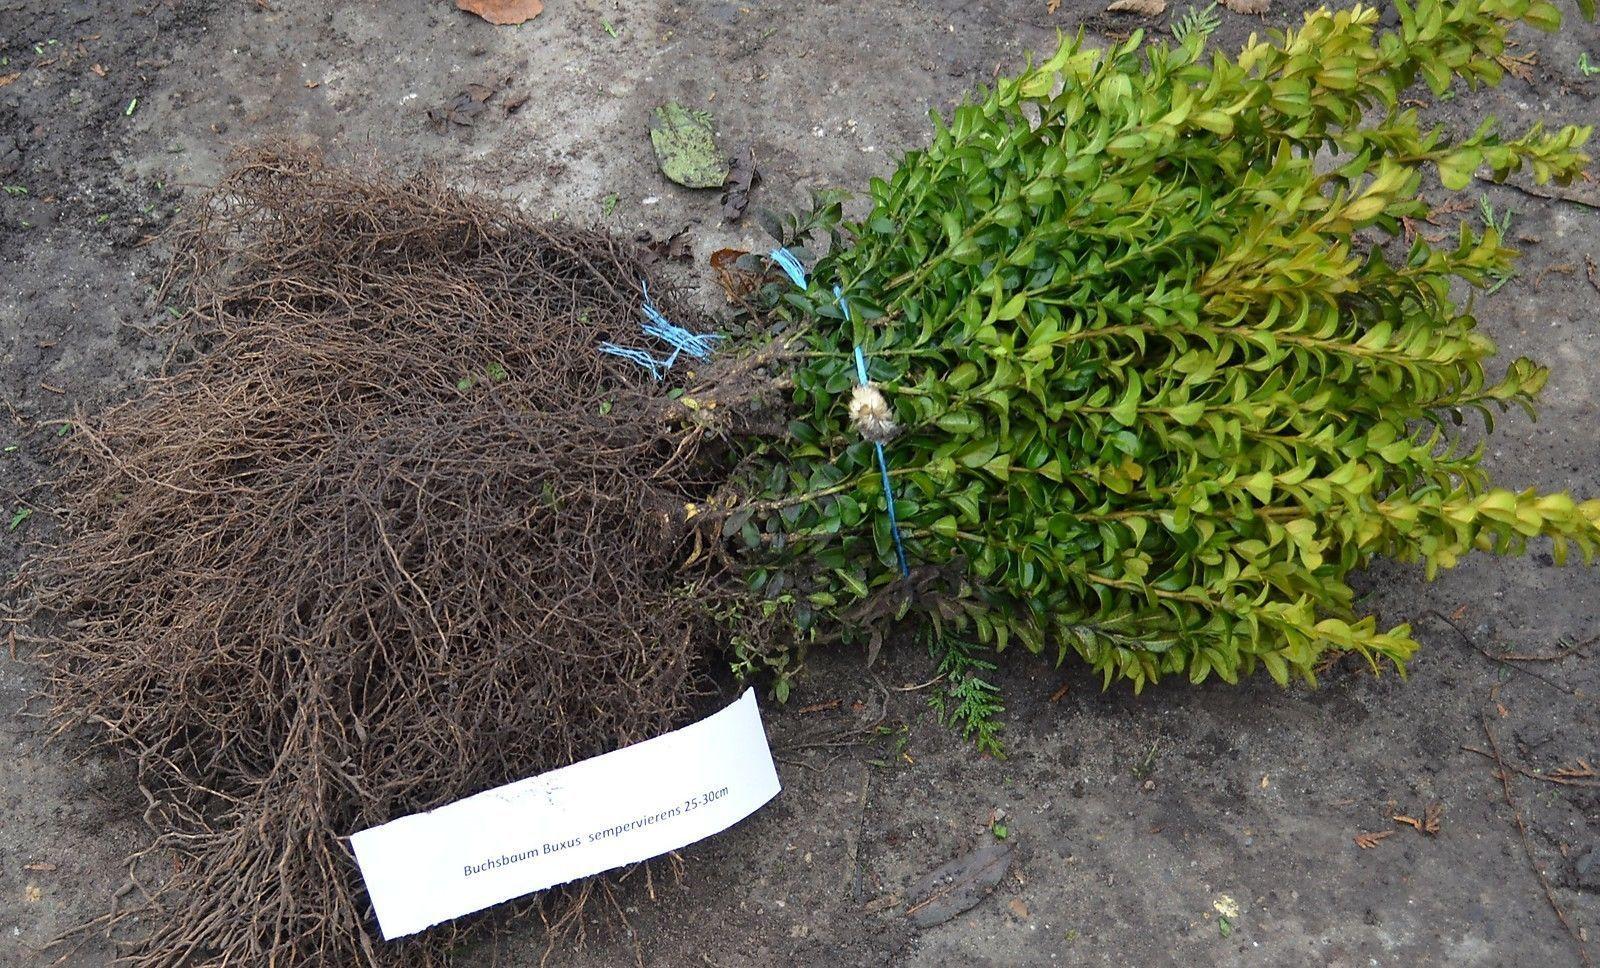 350 sehr buschige buchsbaumpflanzen 25 30cm wurzelnackt inklusive palettenversand der. Black Bedroom Furniture Sets. Home Design Ideas